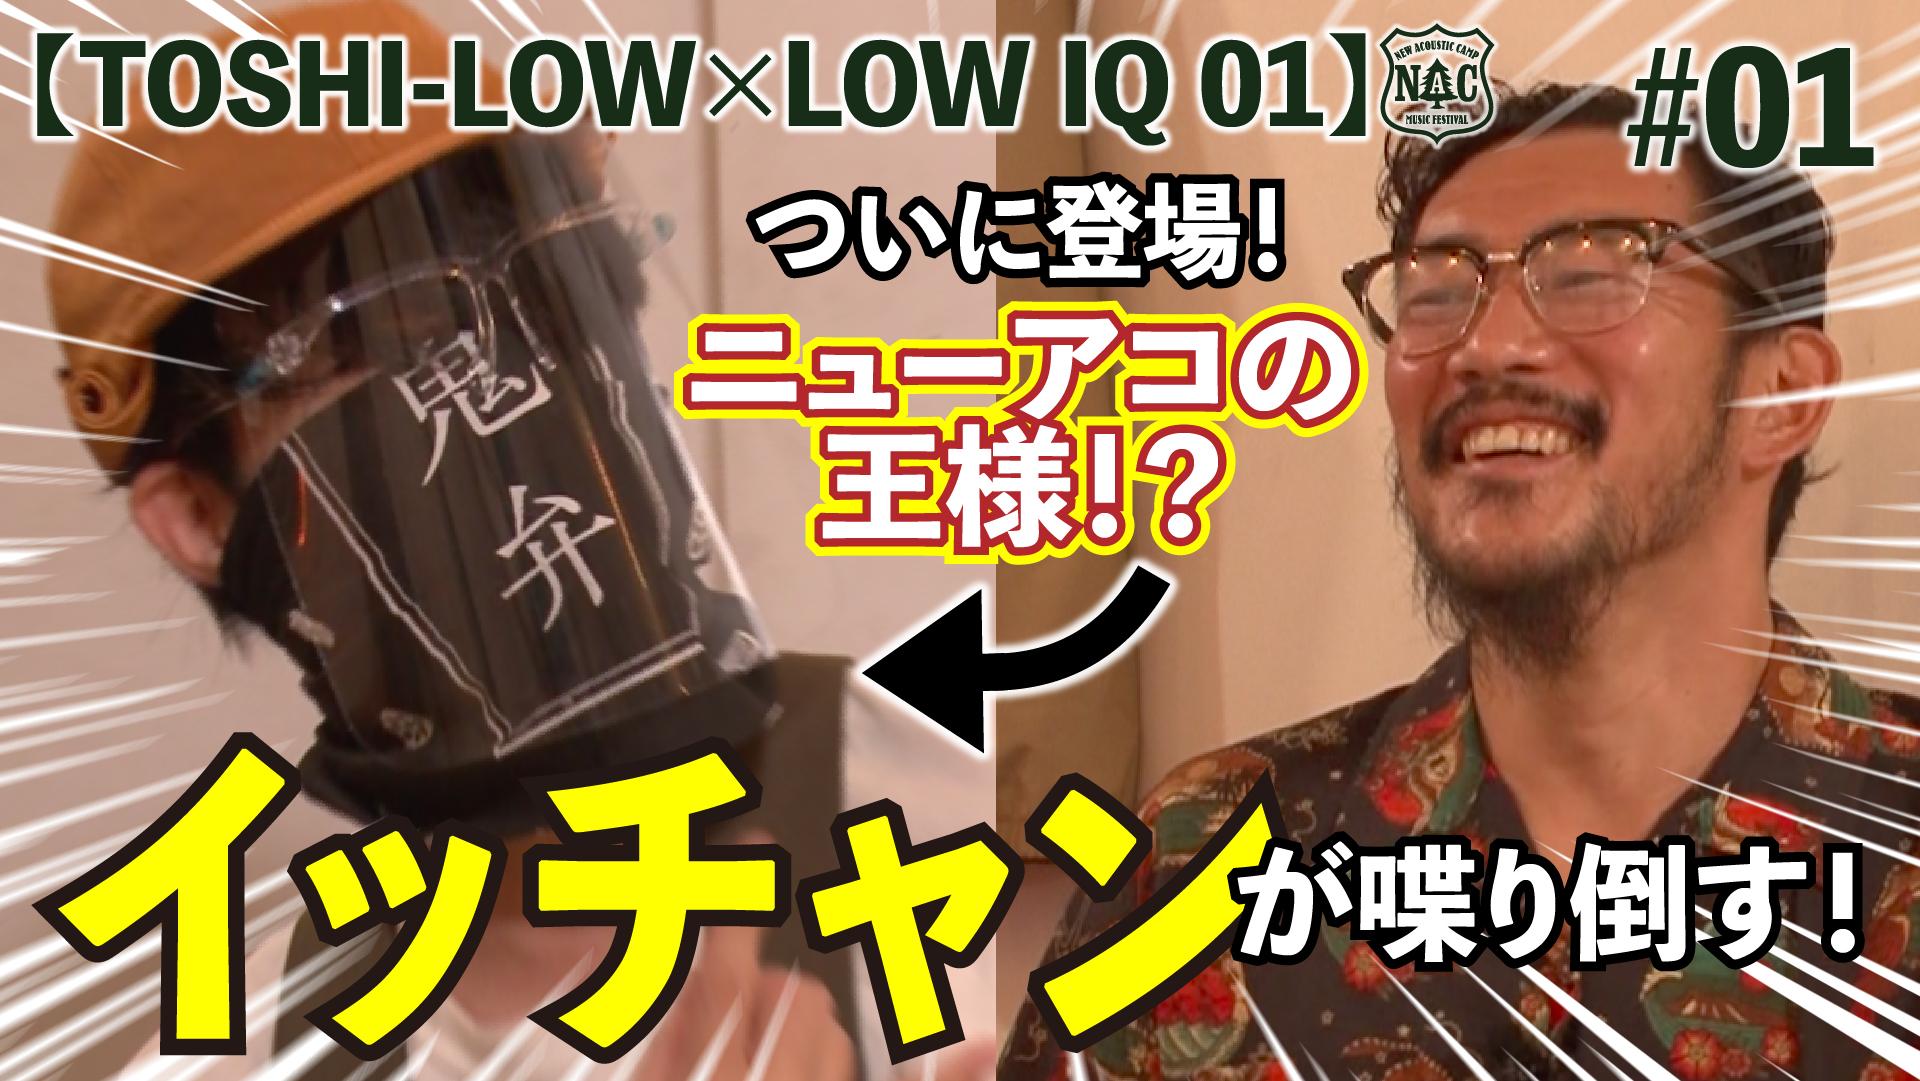 ニューアコチャンネル・生配信 / 映像制作